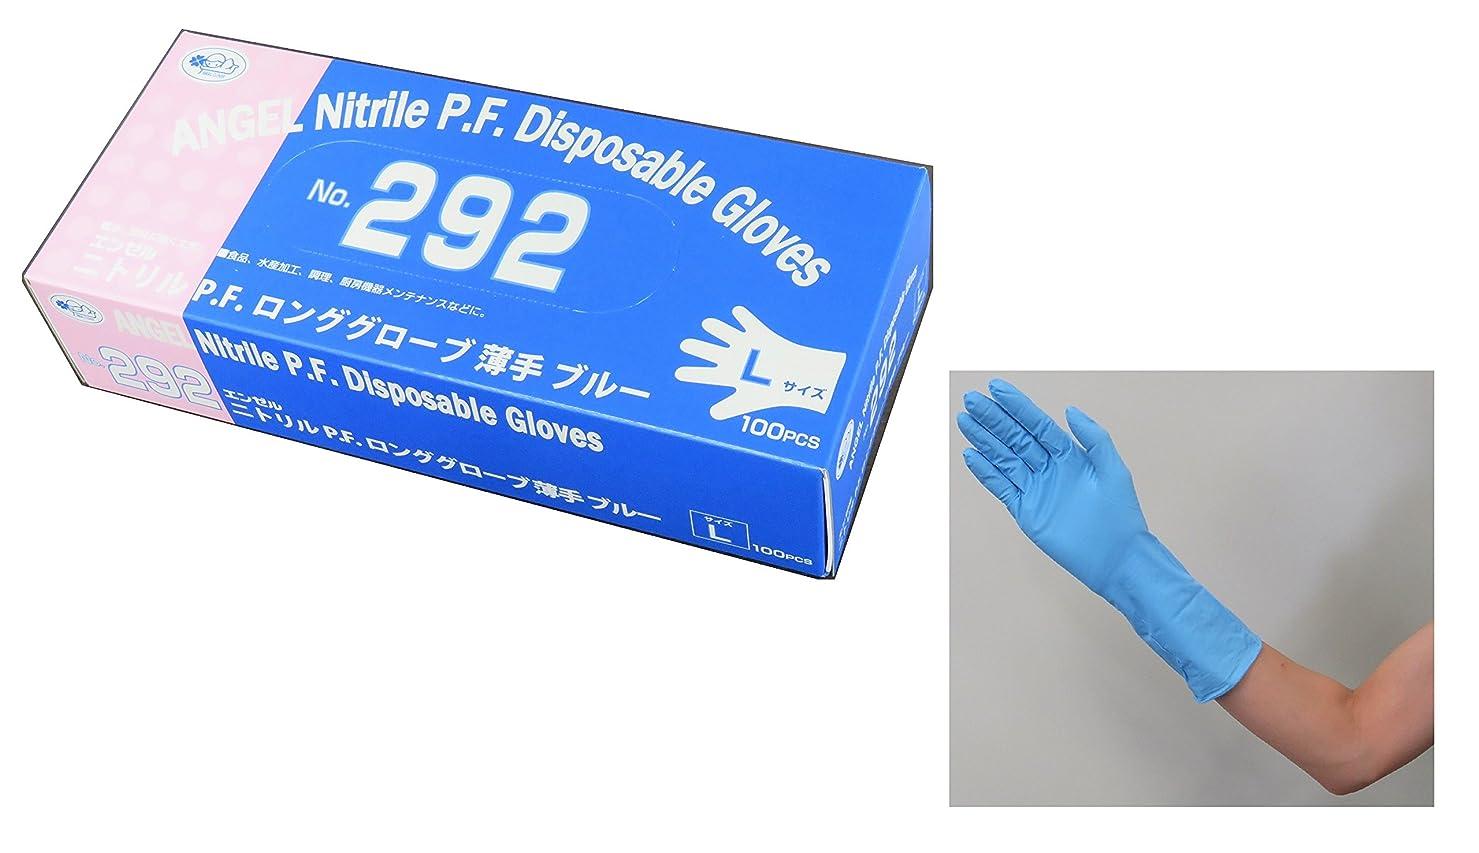 フェリー素人石化するサンフラワー No.292 ニトリルP.F.グローブ薄手 ブルー 100枚入り (L)